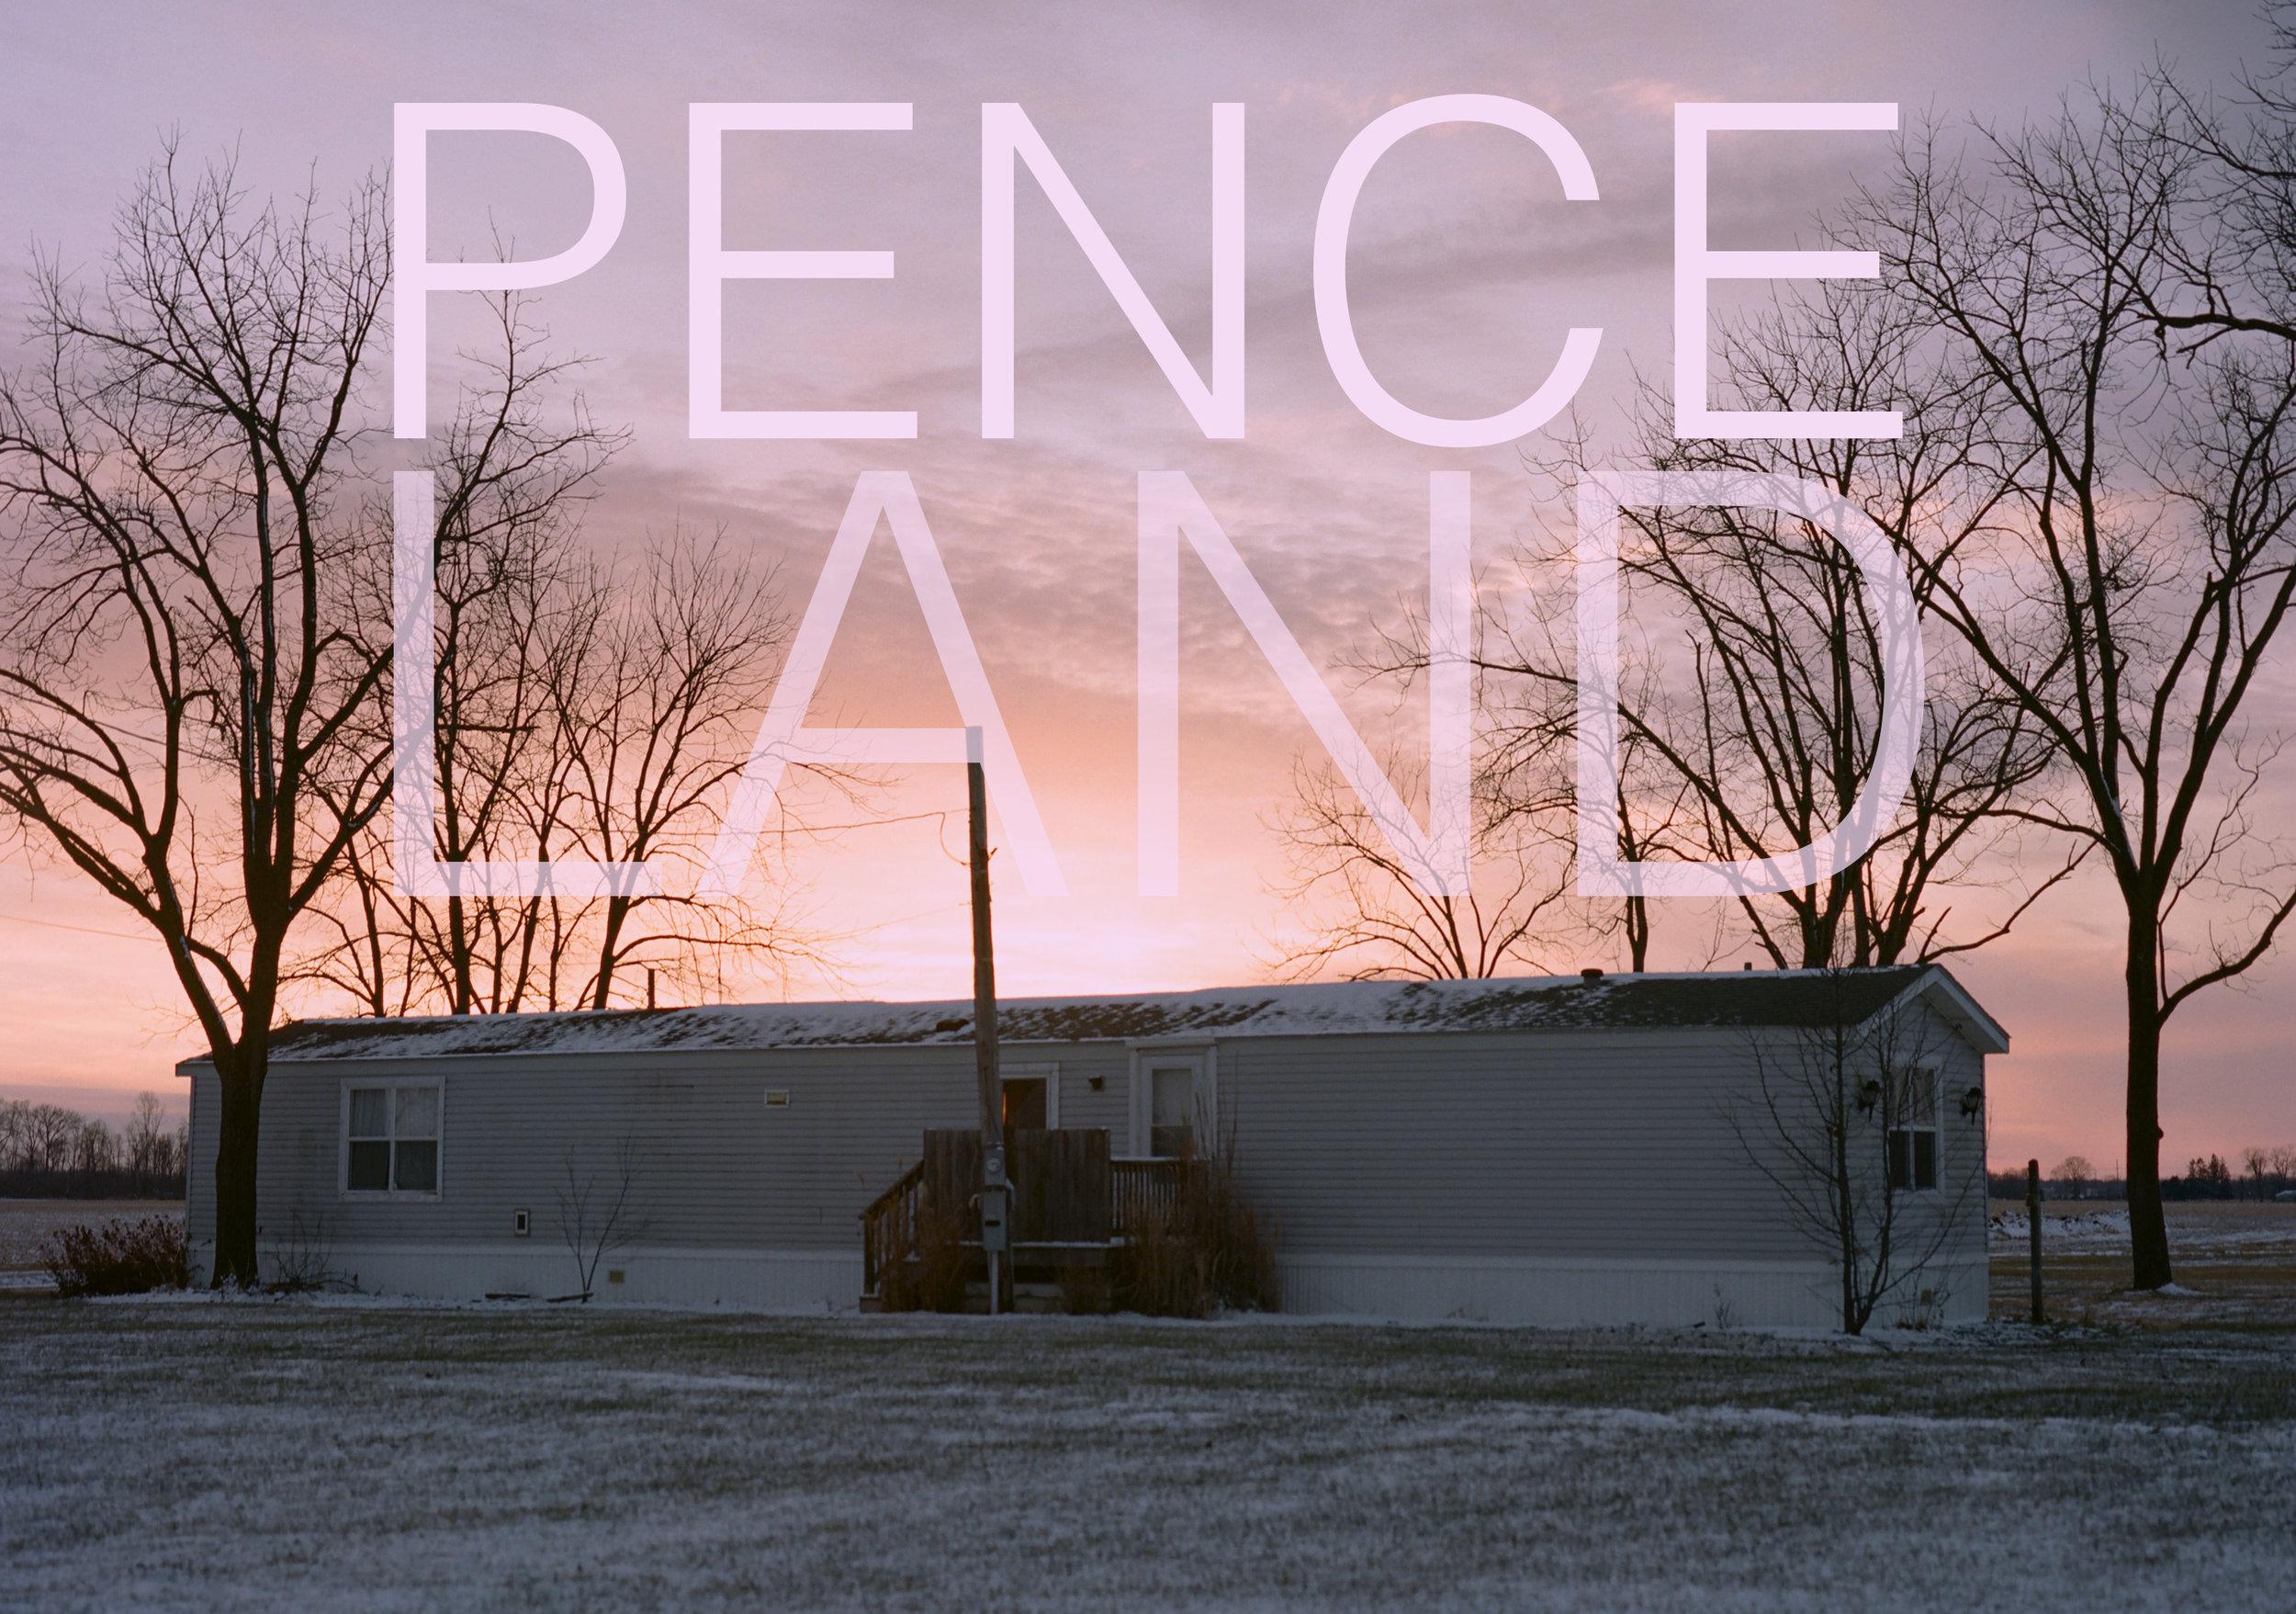 1. Penceland cover.jpg